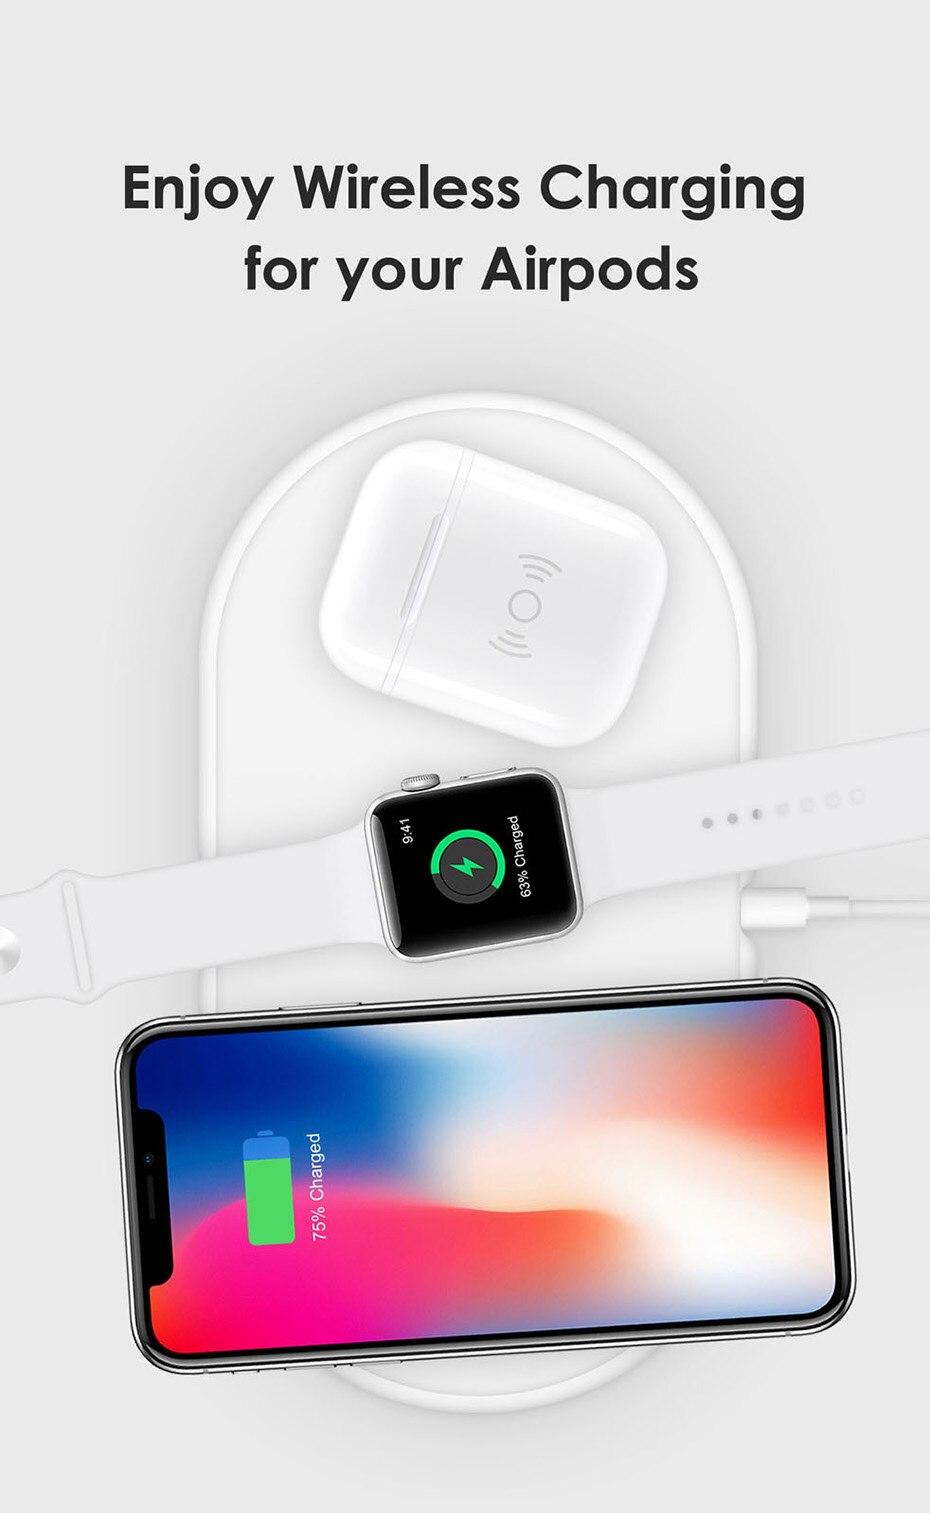 适用于Apple Airpods的无线充电接收器外壳QI标准空气无线接收器兼容任何无线充电器(3)